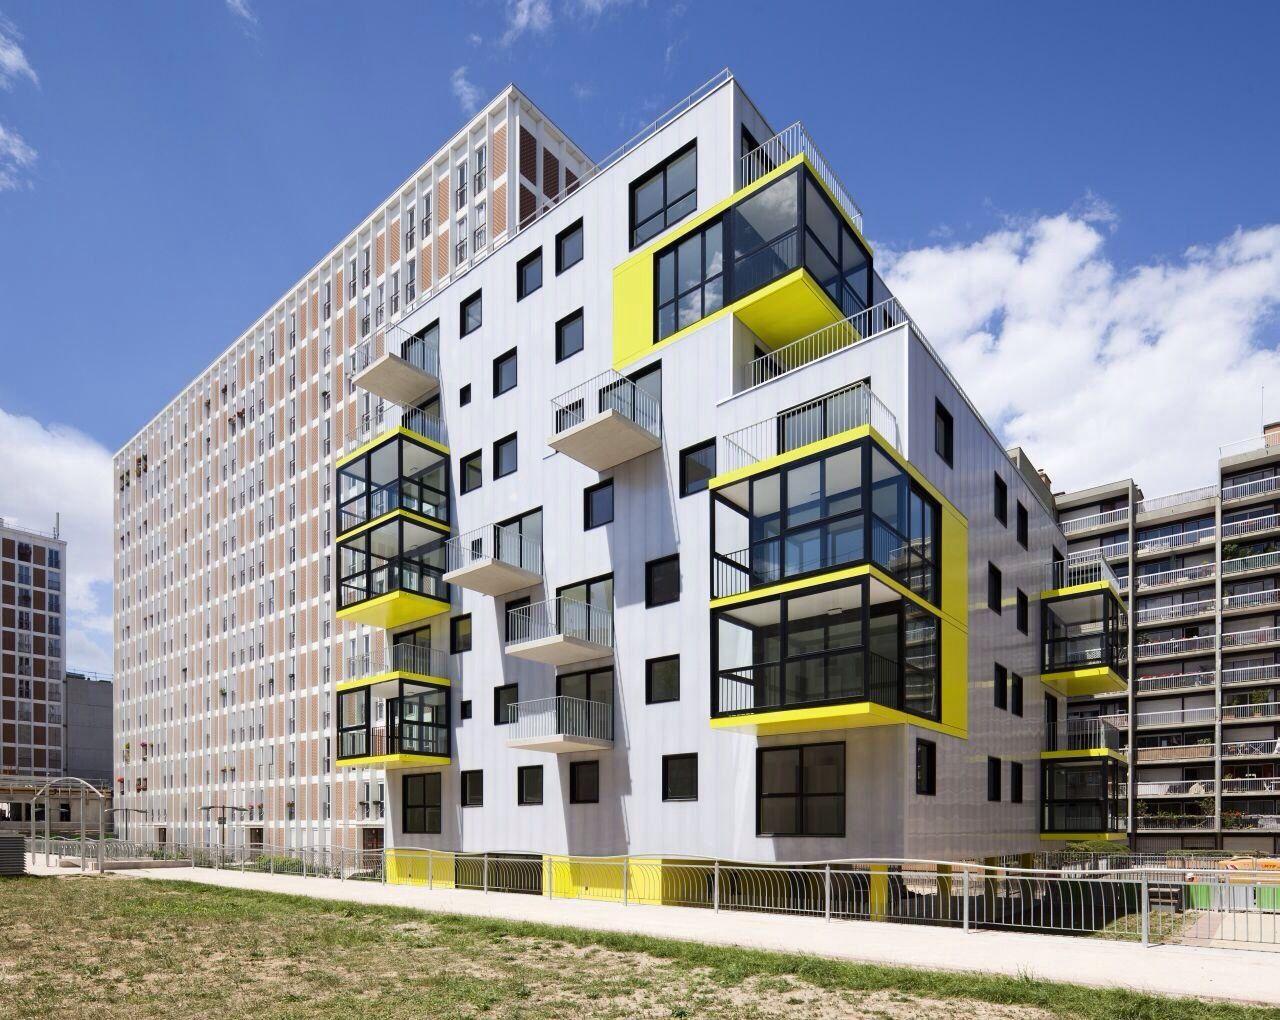 Обновленные фасады одноэтажных частных домов фото торговые стеллажи